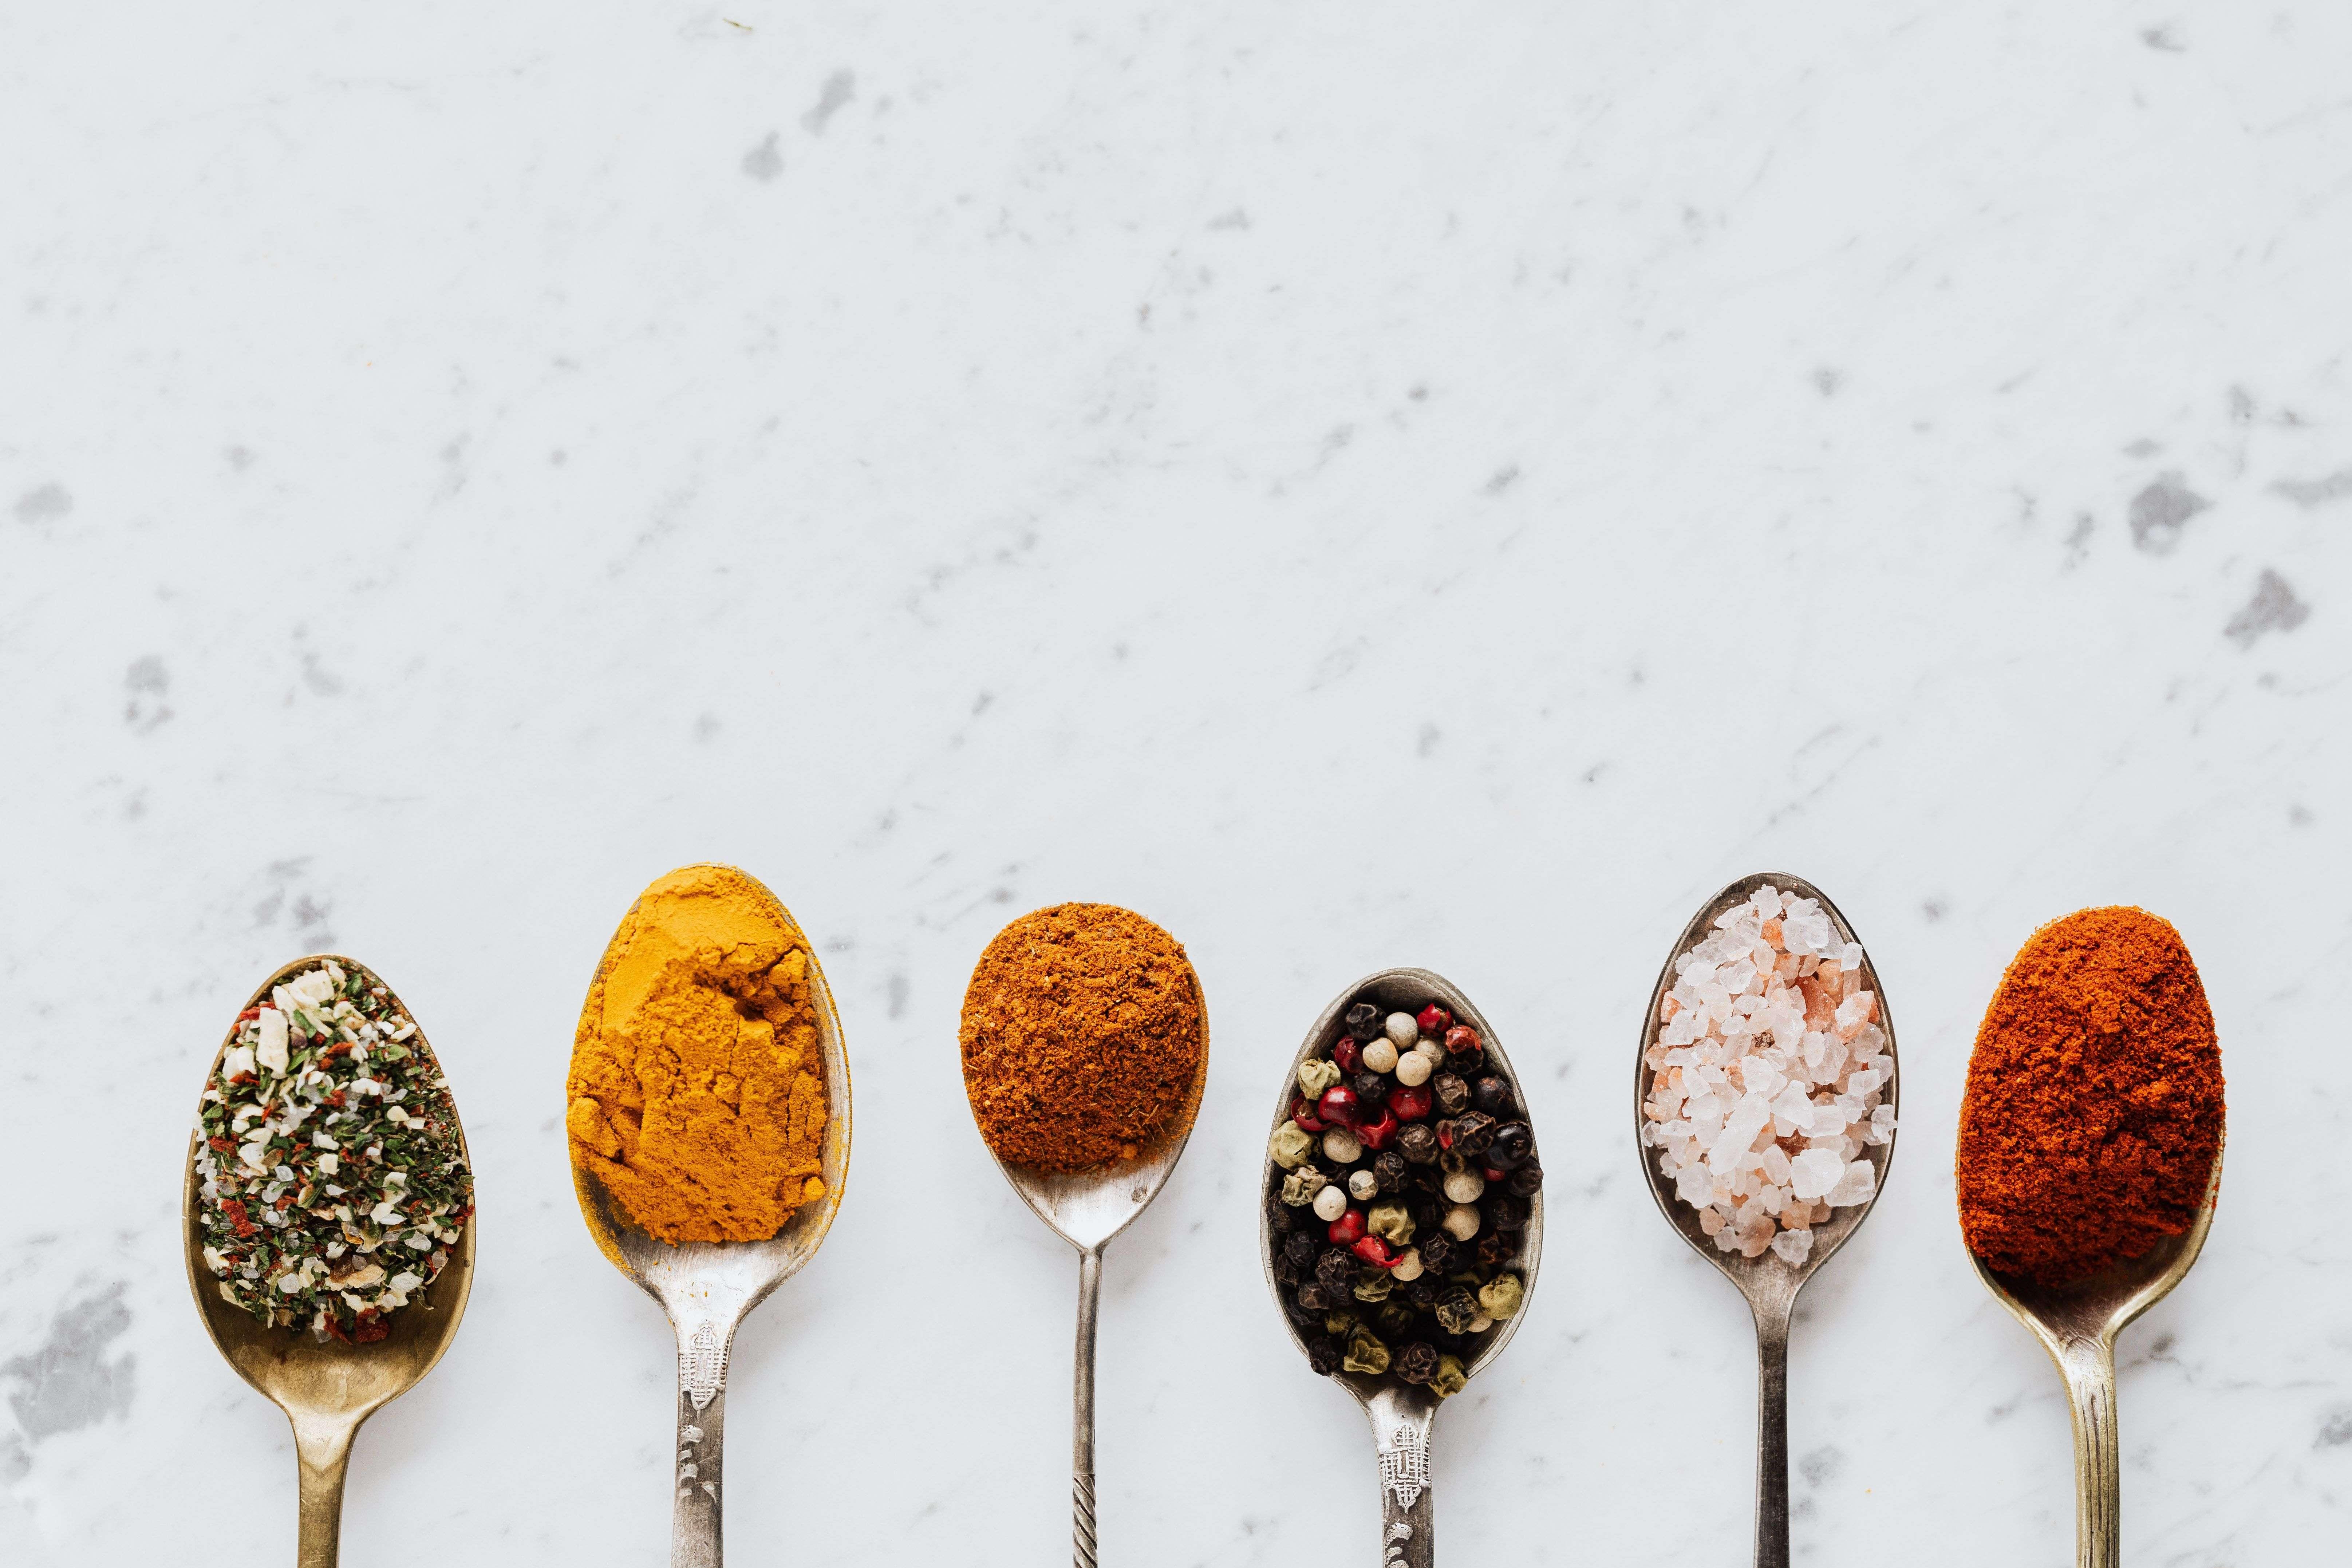 Les saveurs uniques de la cuisine indienne